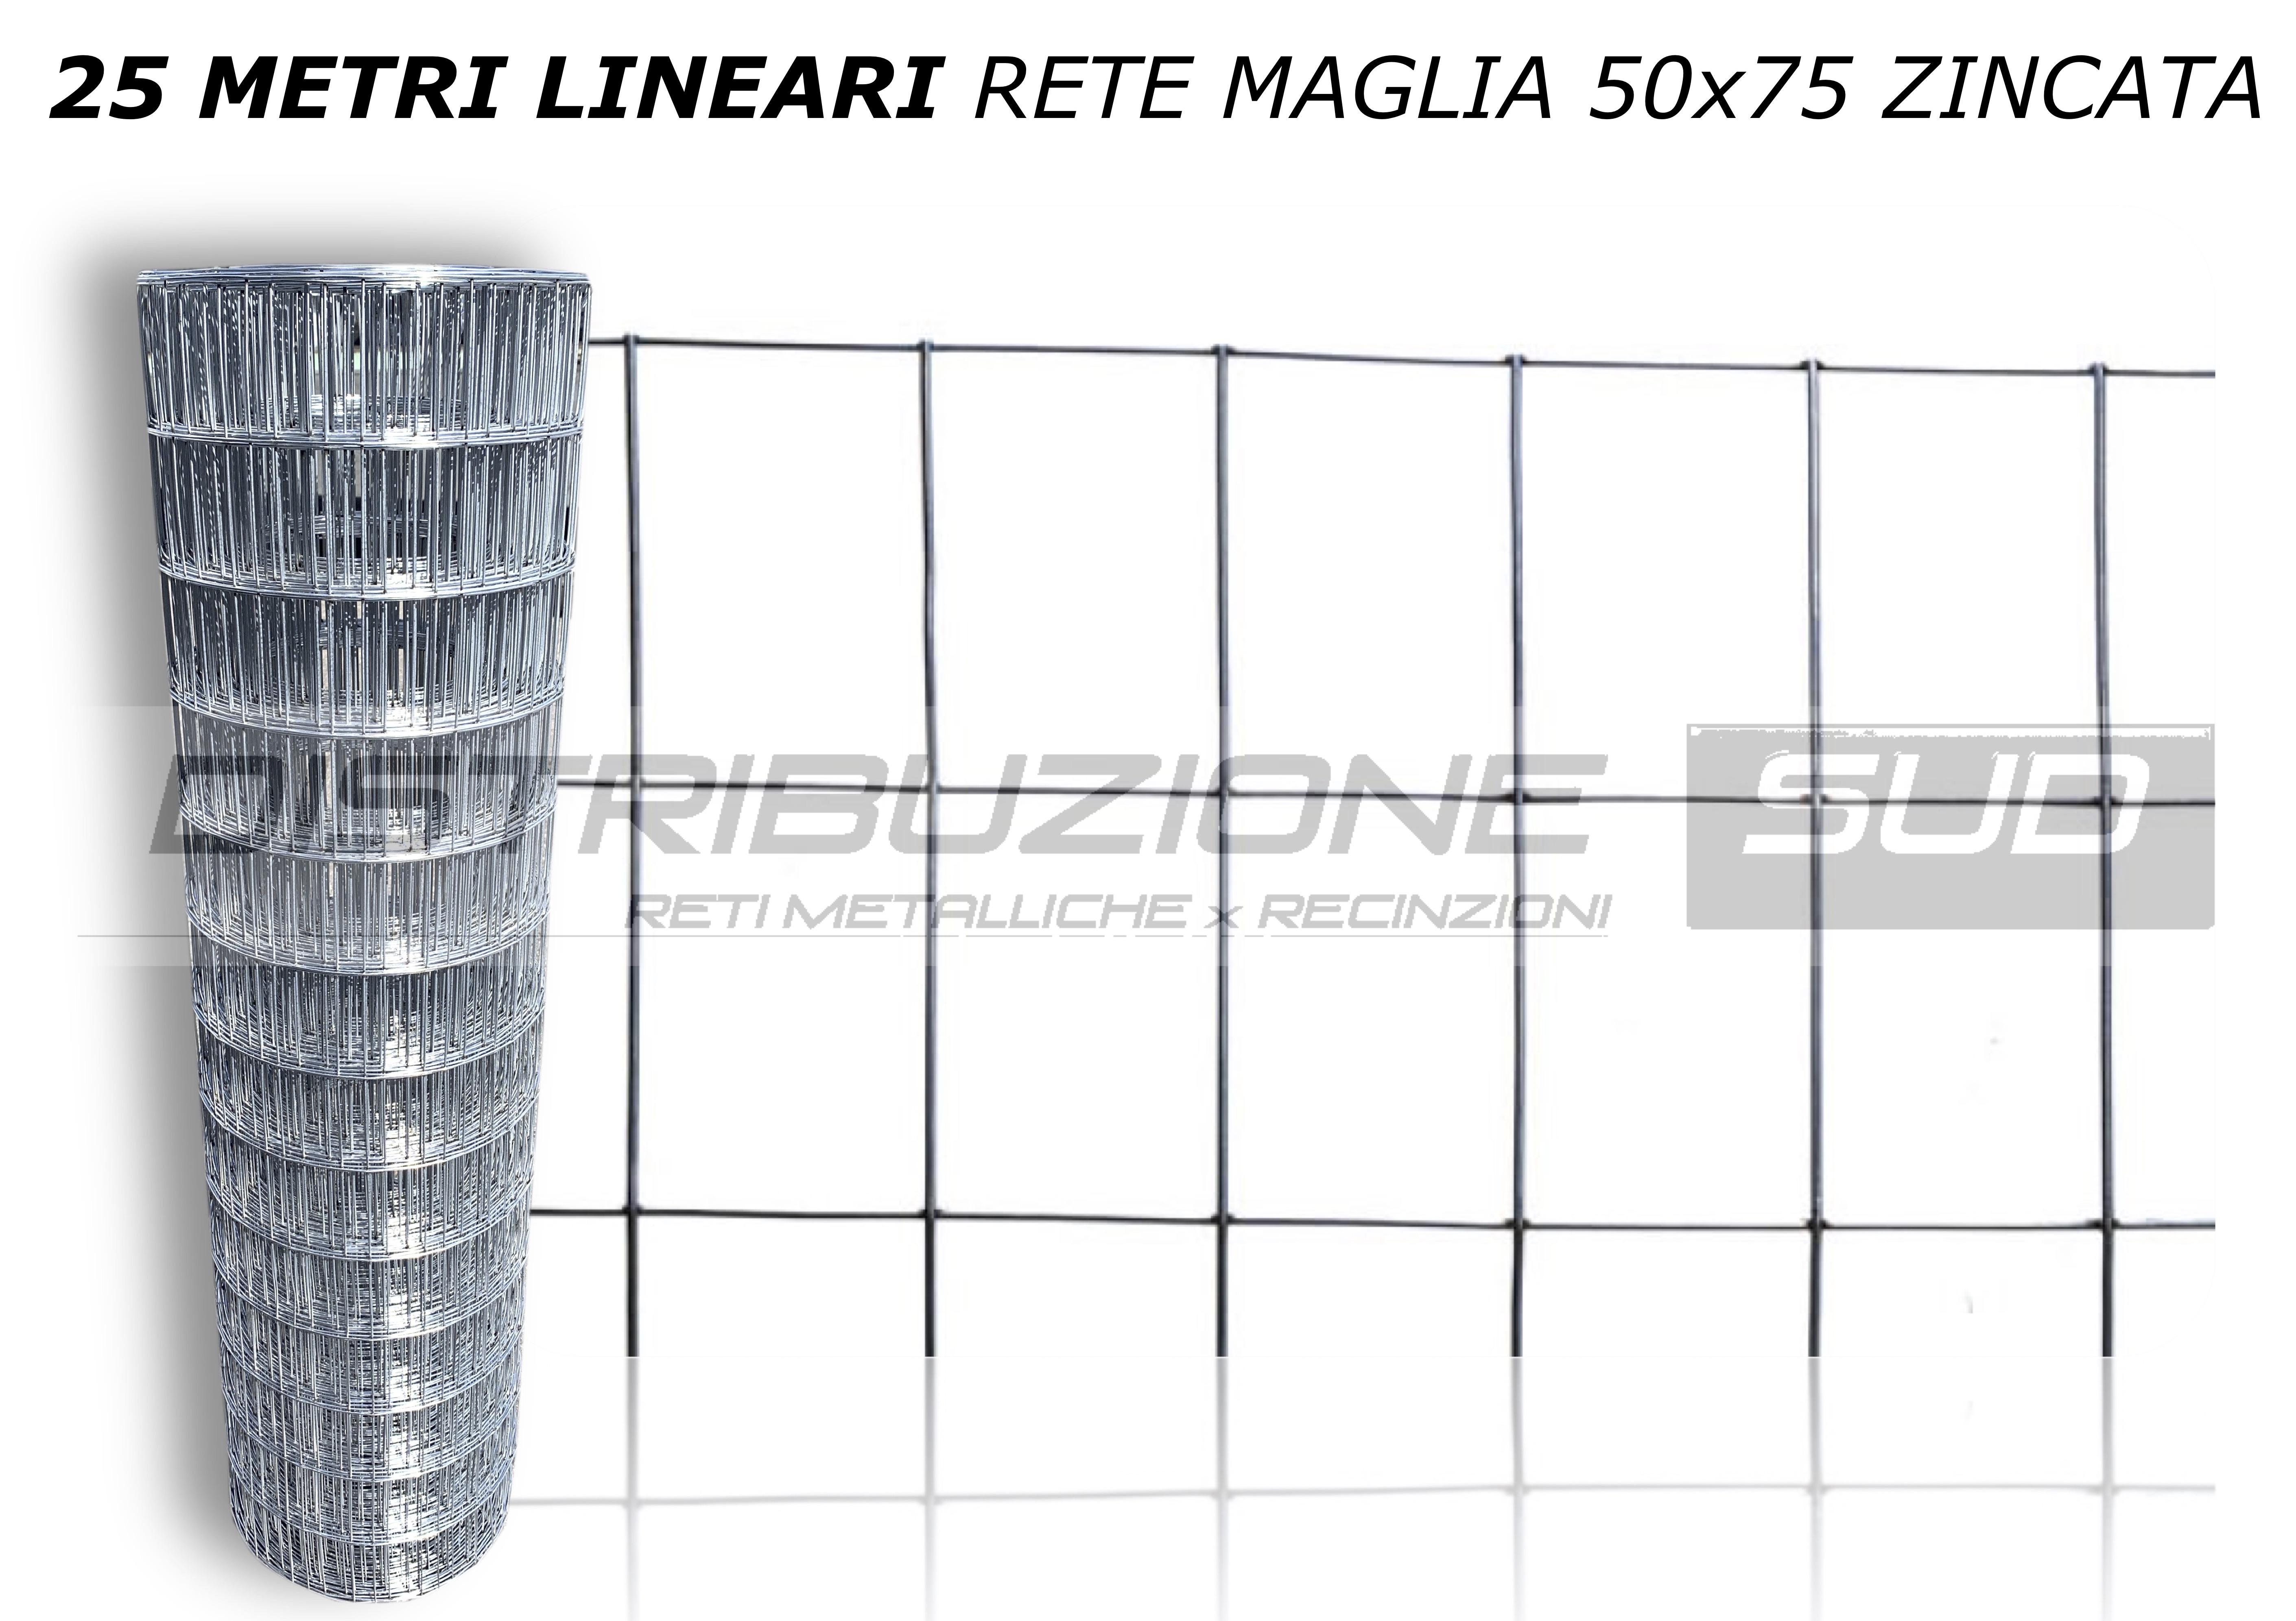 Rete 50x75 zincata